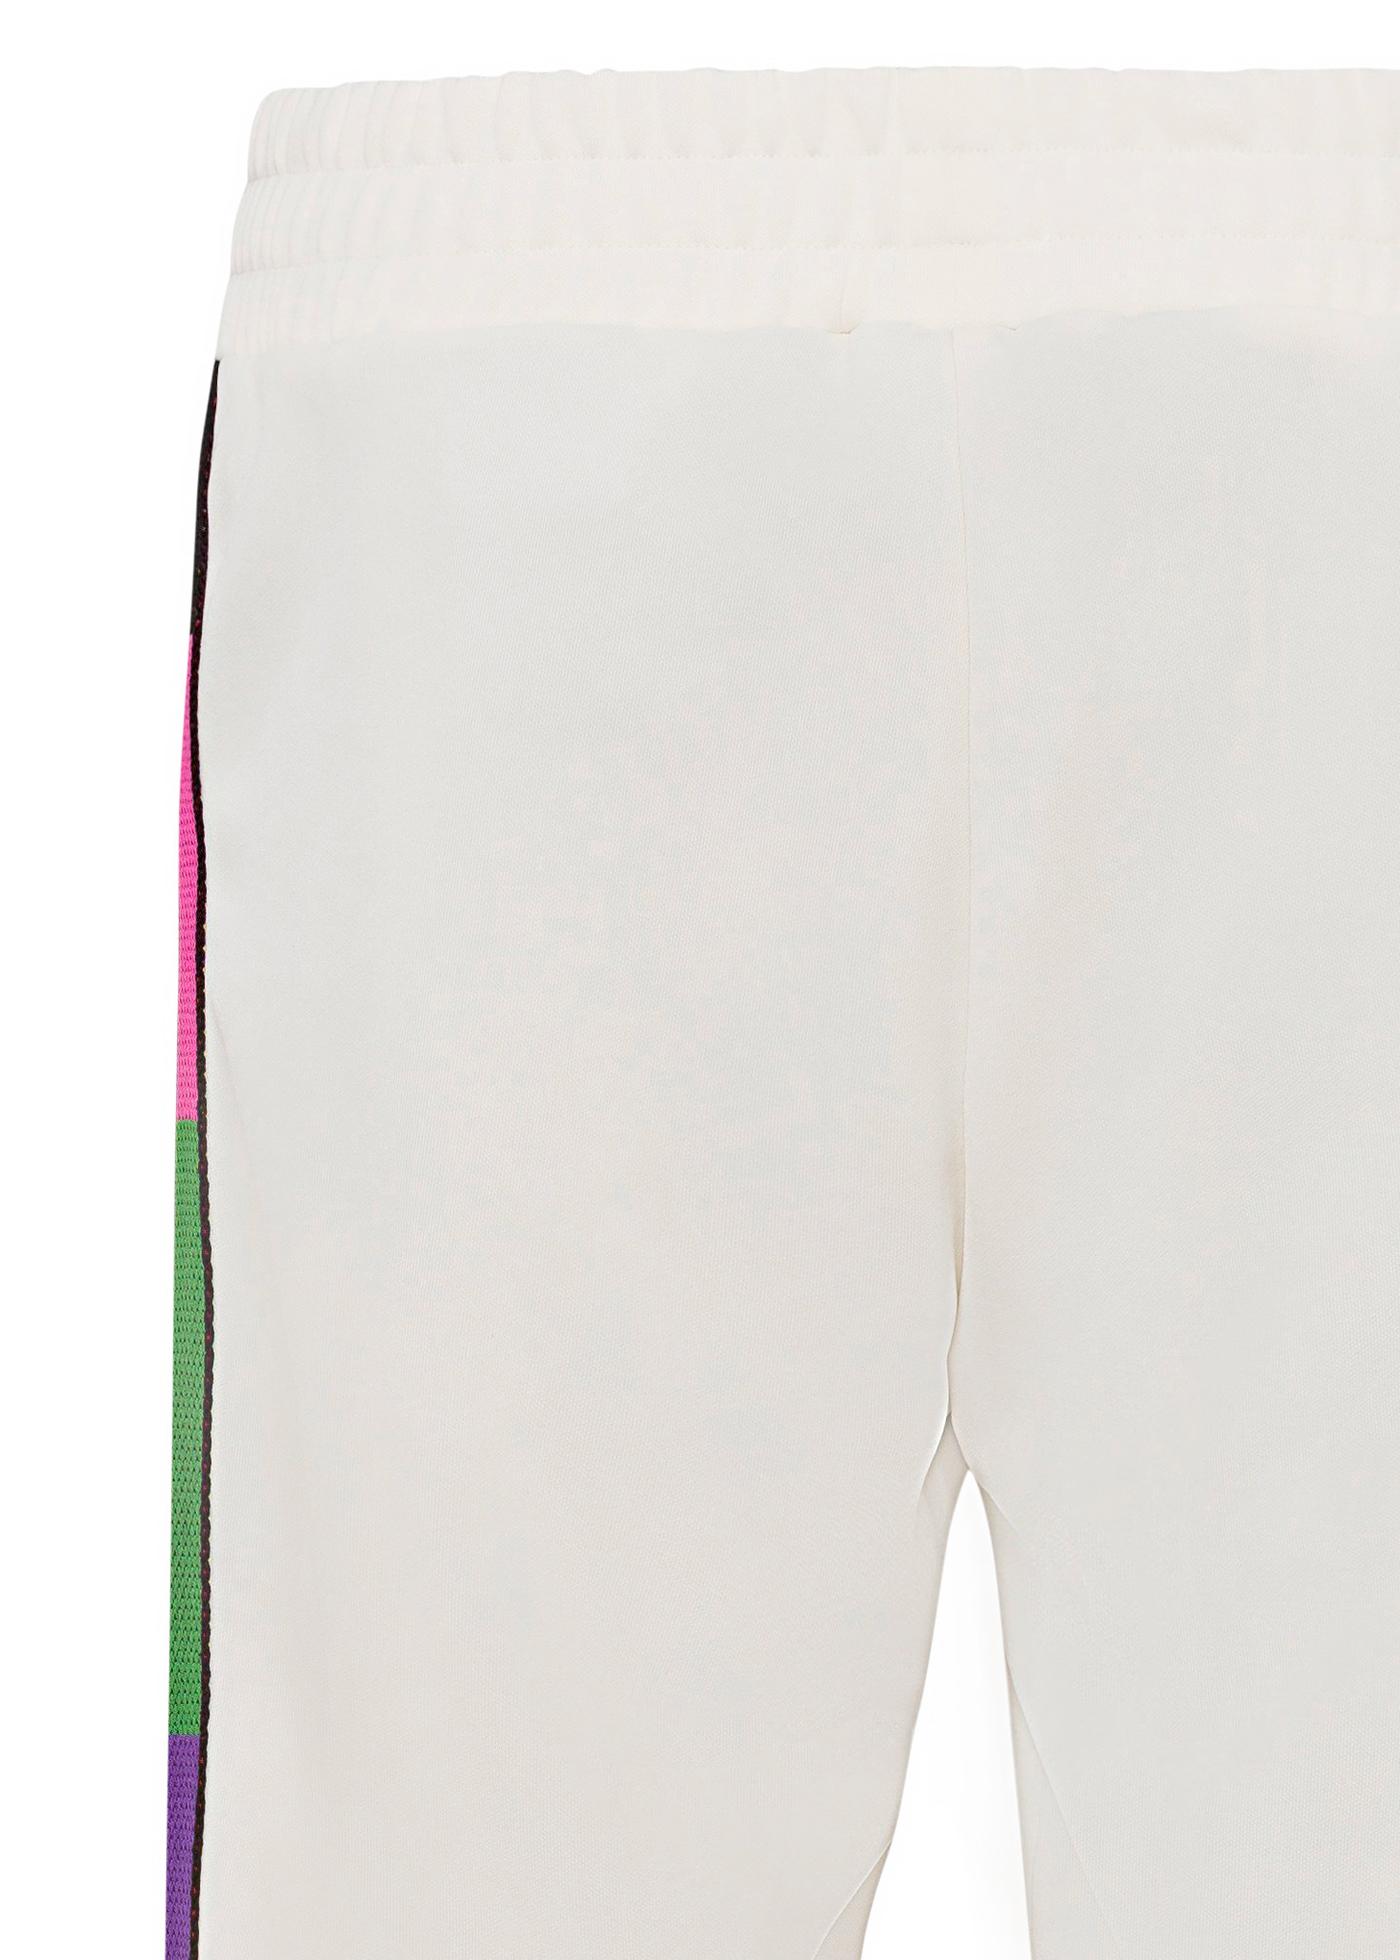 PA MISSONI TRACK PANTS image number 3